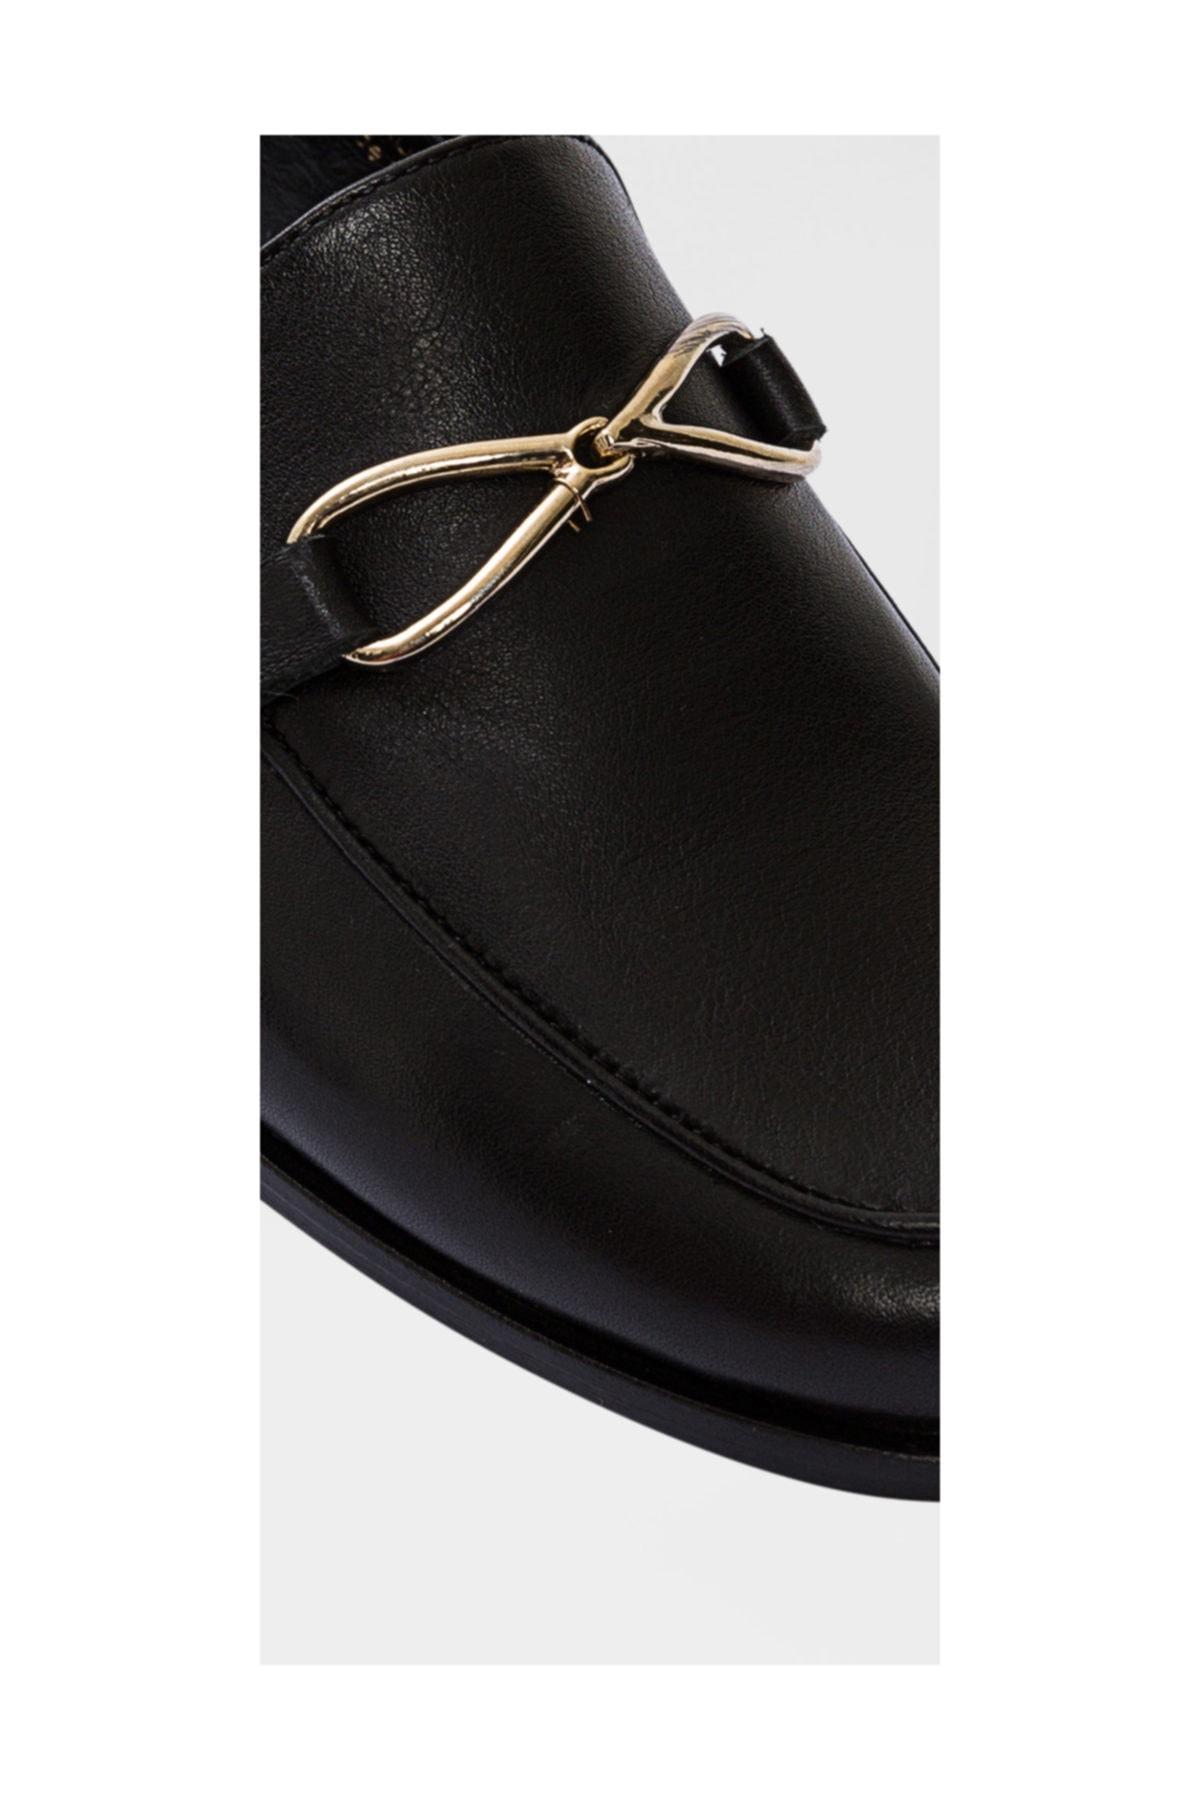 Aldo Kadın Siyah Loafer Ayakkabı 2